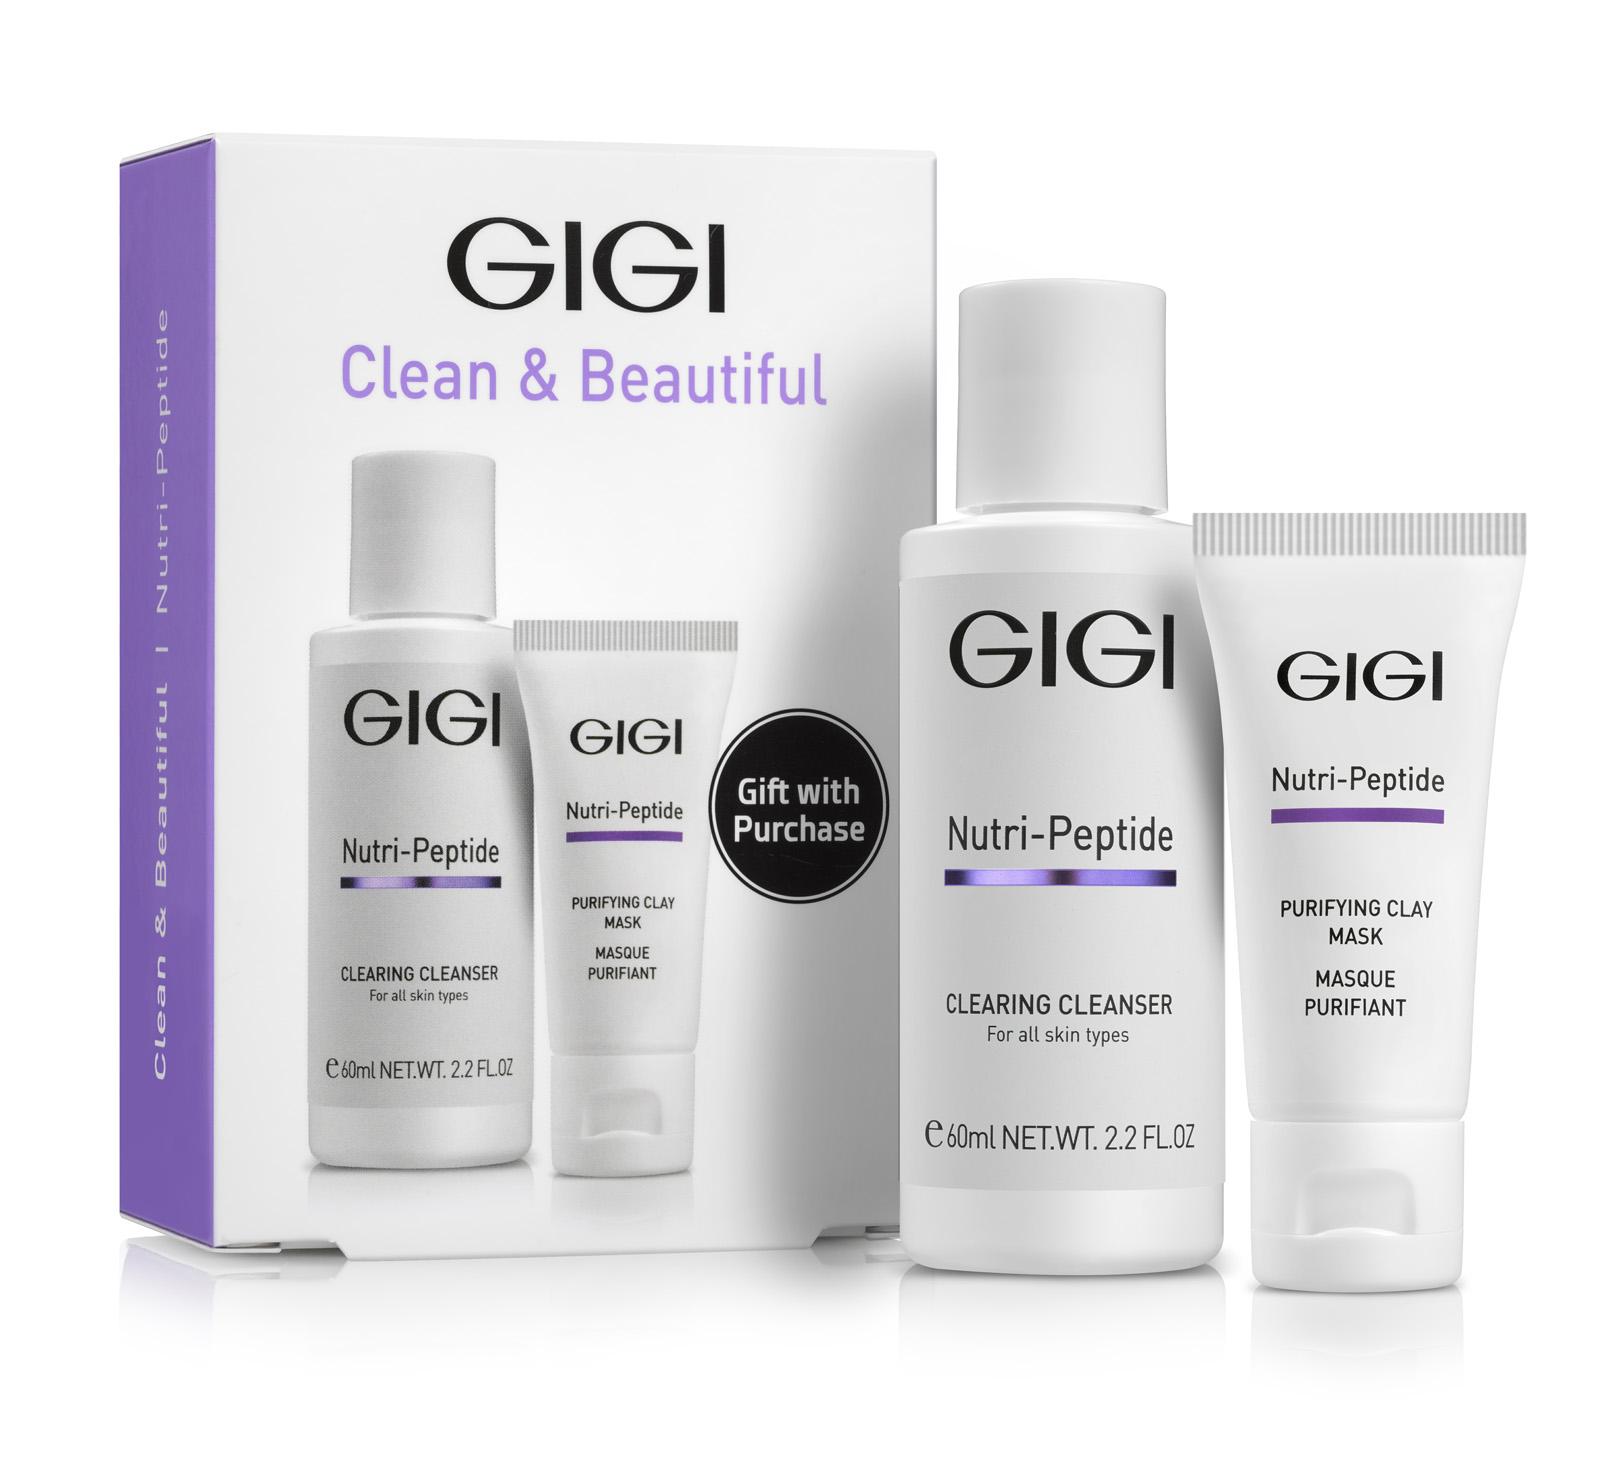 GIGI Набор подарочный Очищение (гель 60 мл, маска 15 мл) NUTRI-PEPTIDE Clean&Beautiful фото